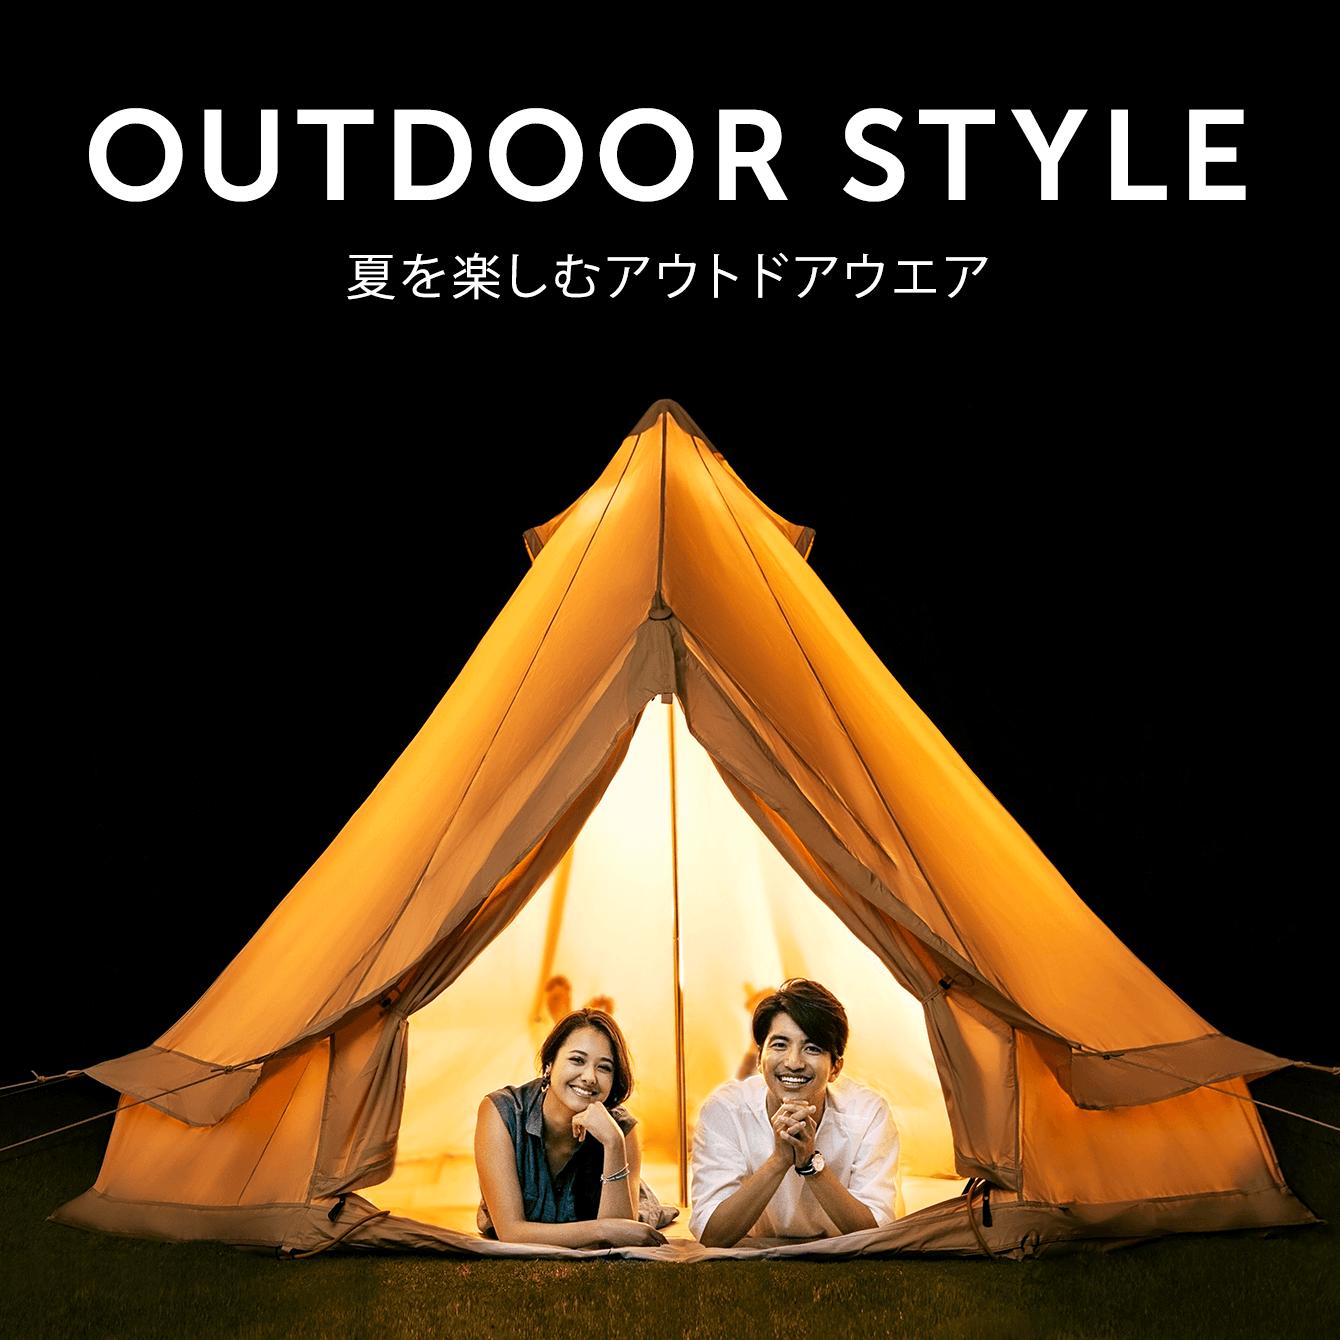 Outdoor Style 夏を楽しむアウトドアウェア